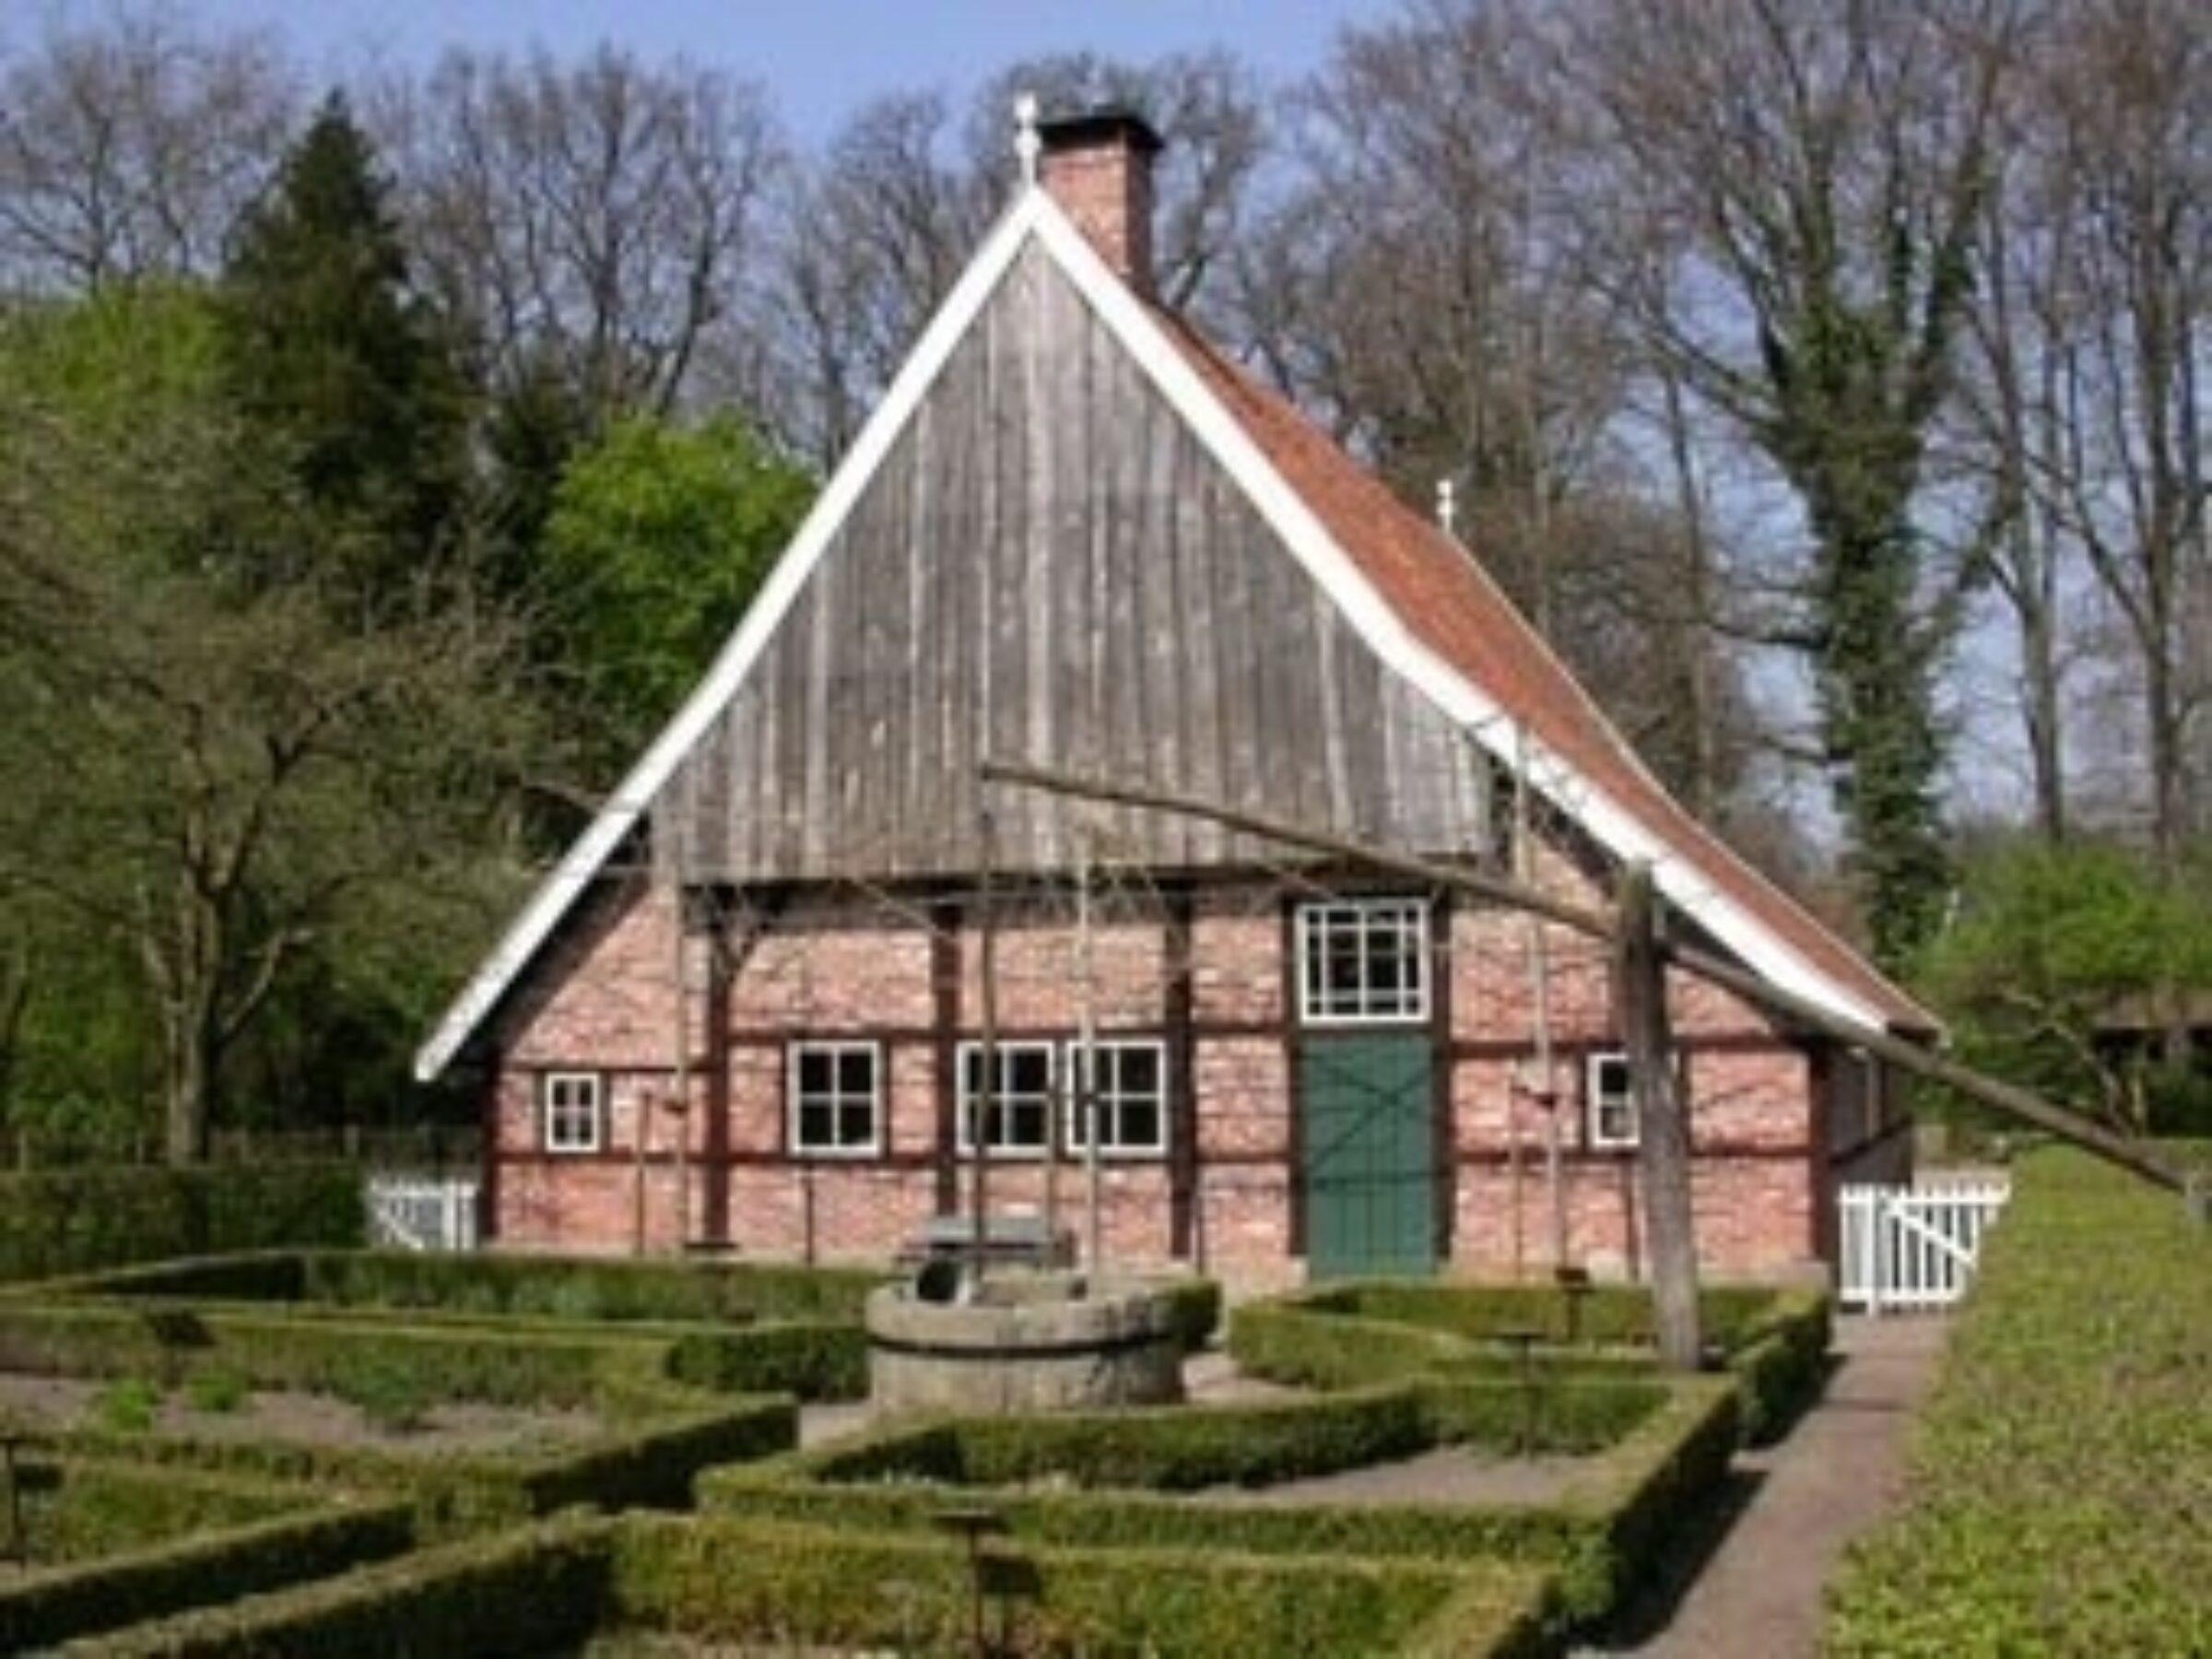 Lammerinkswonner Enschede